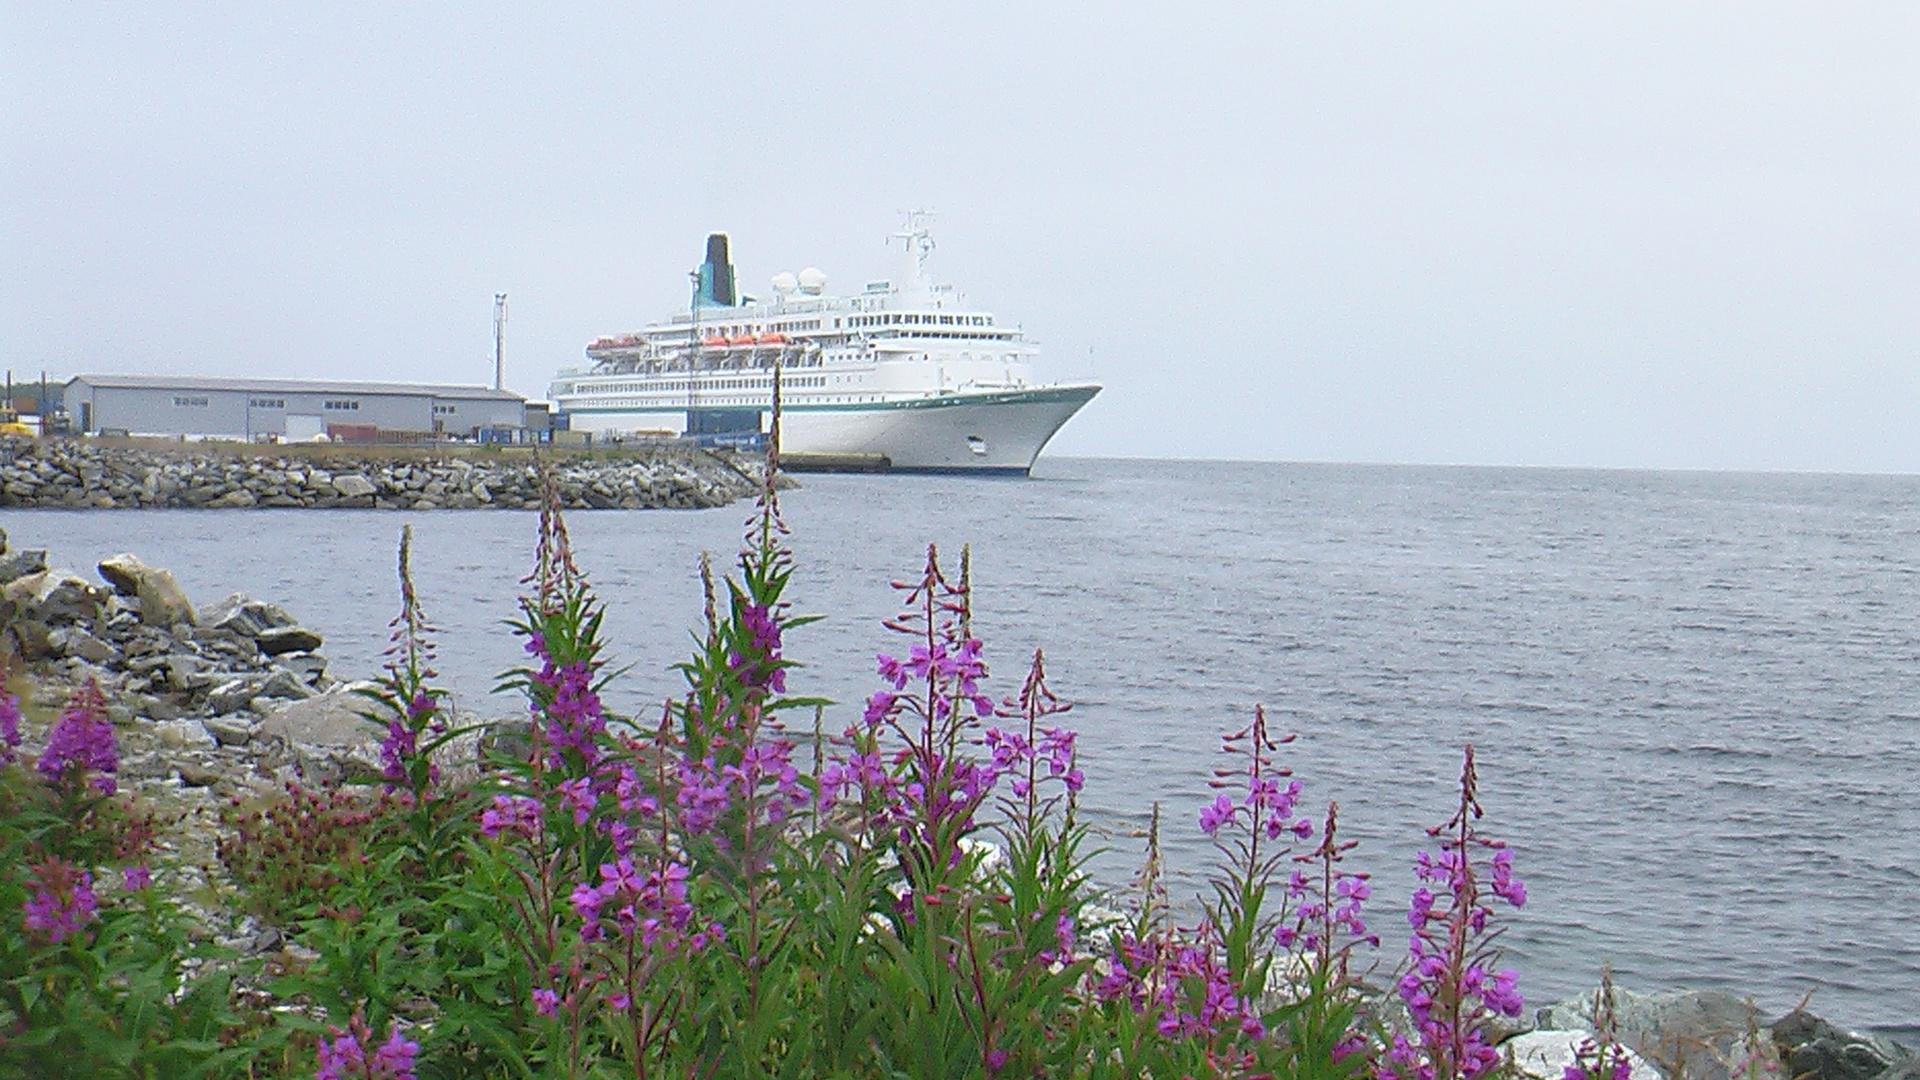 Blumenschiff